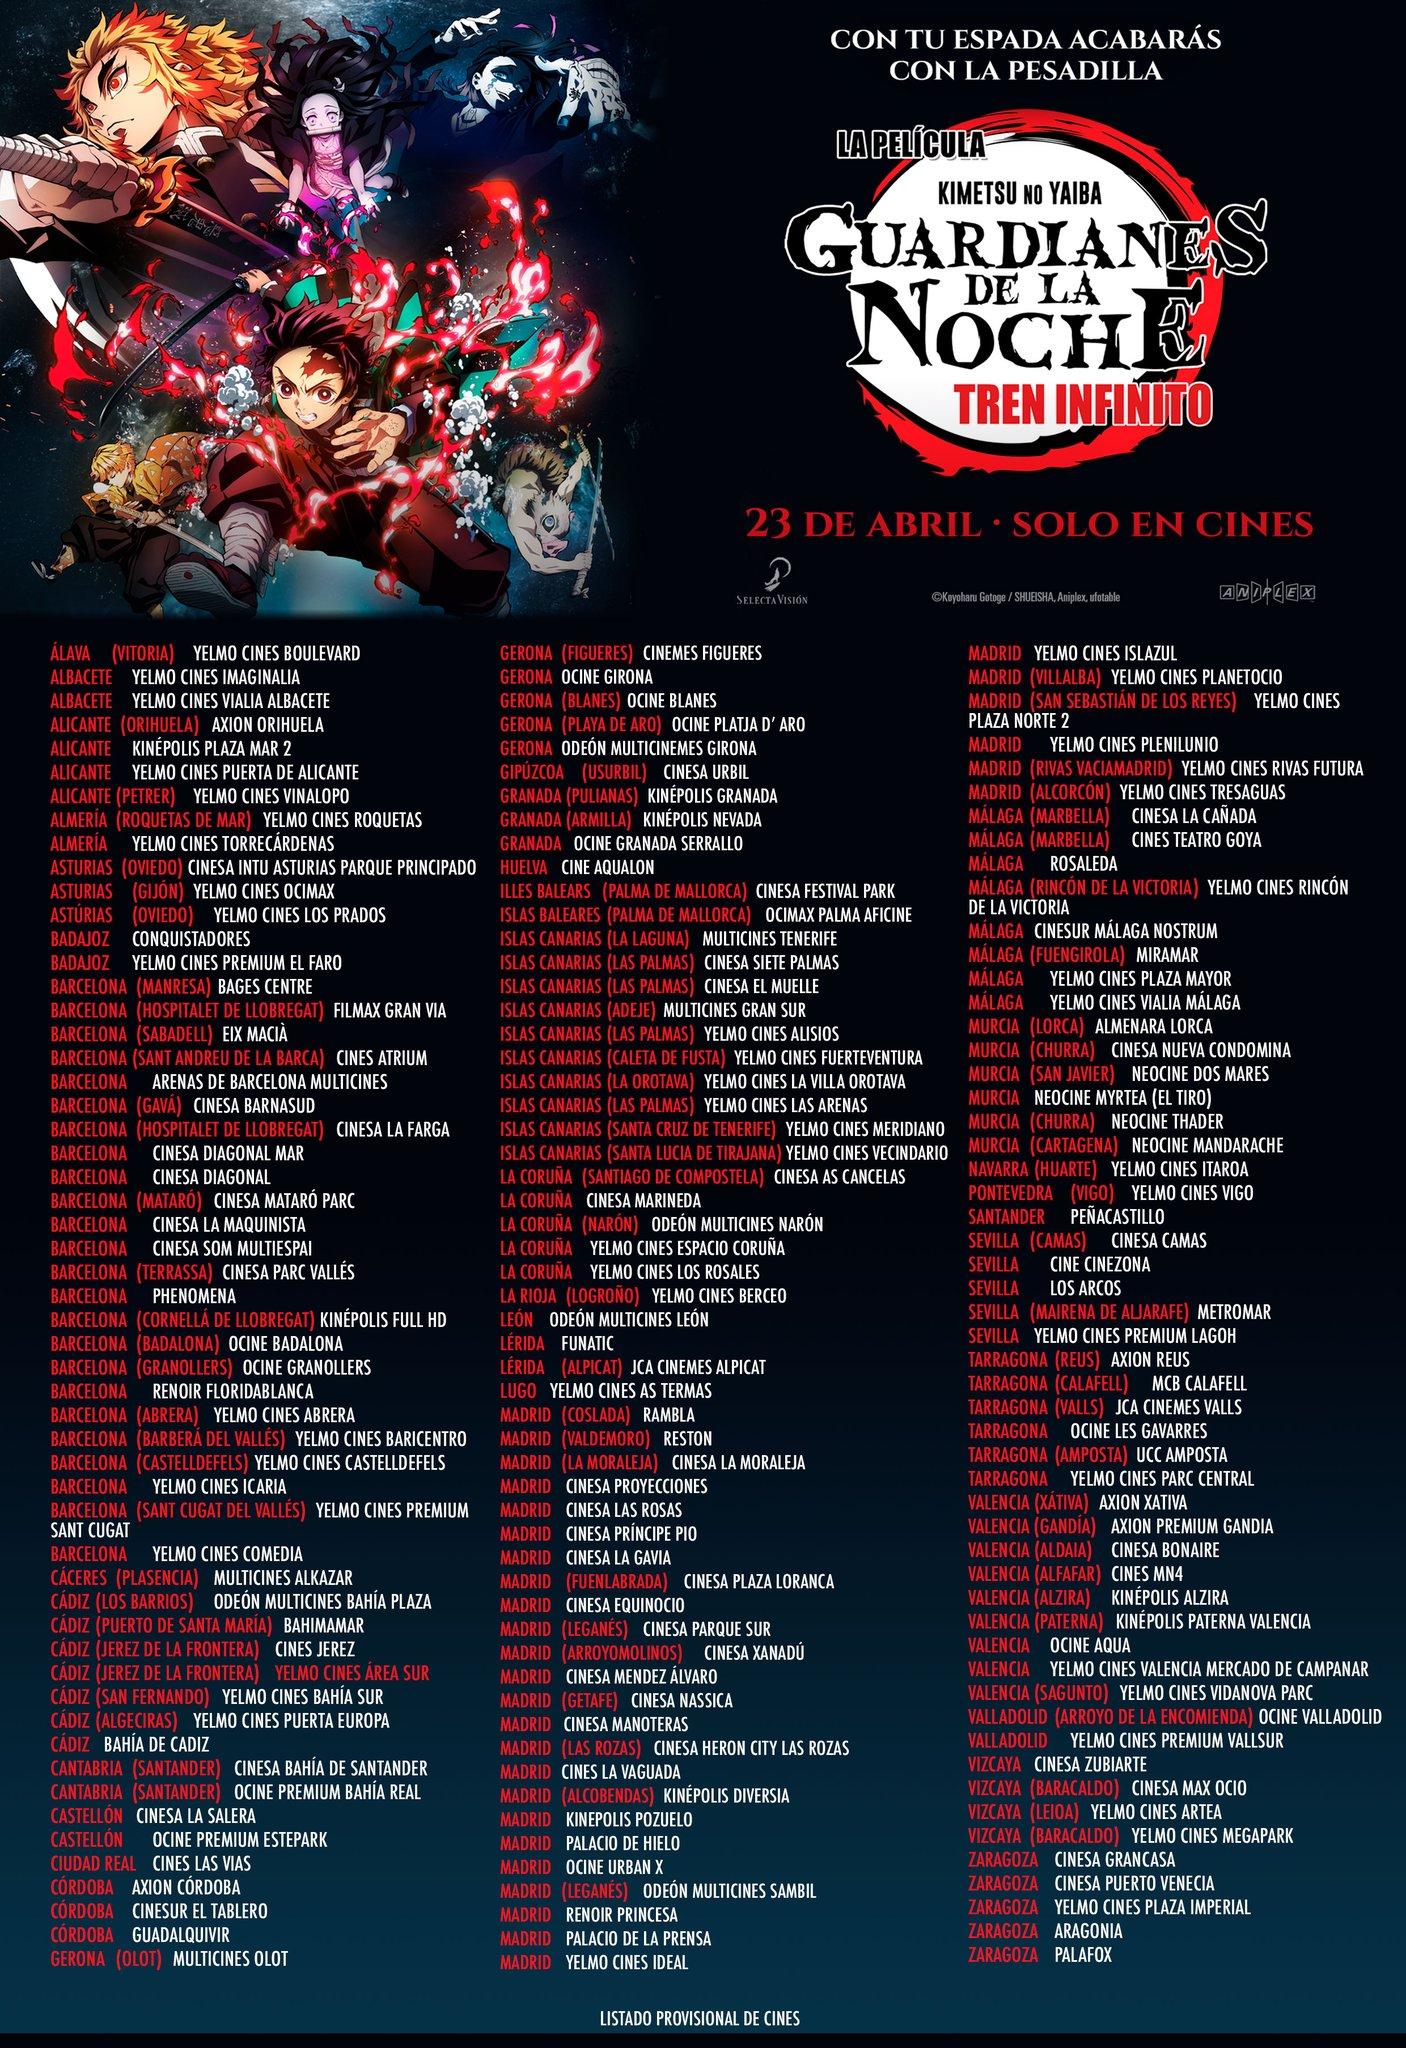 Listado de cines para Kimetsu no Yaiba: Infinite Train Arc - Estreno en VOSE, castellano y catalán.